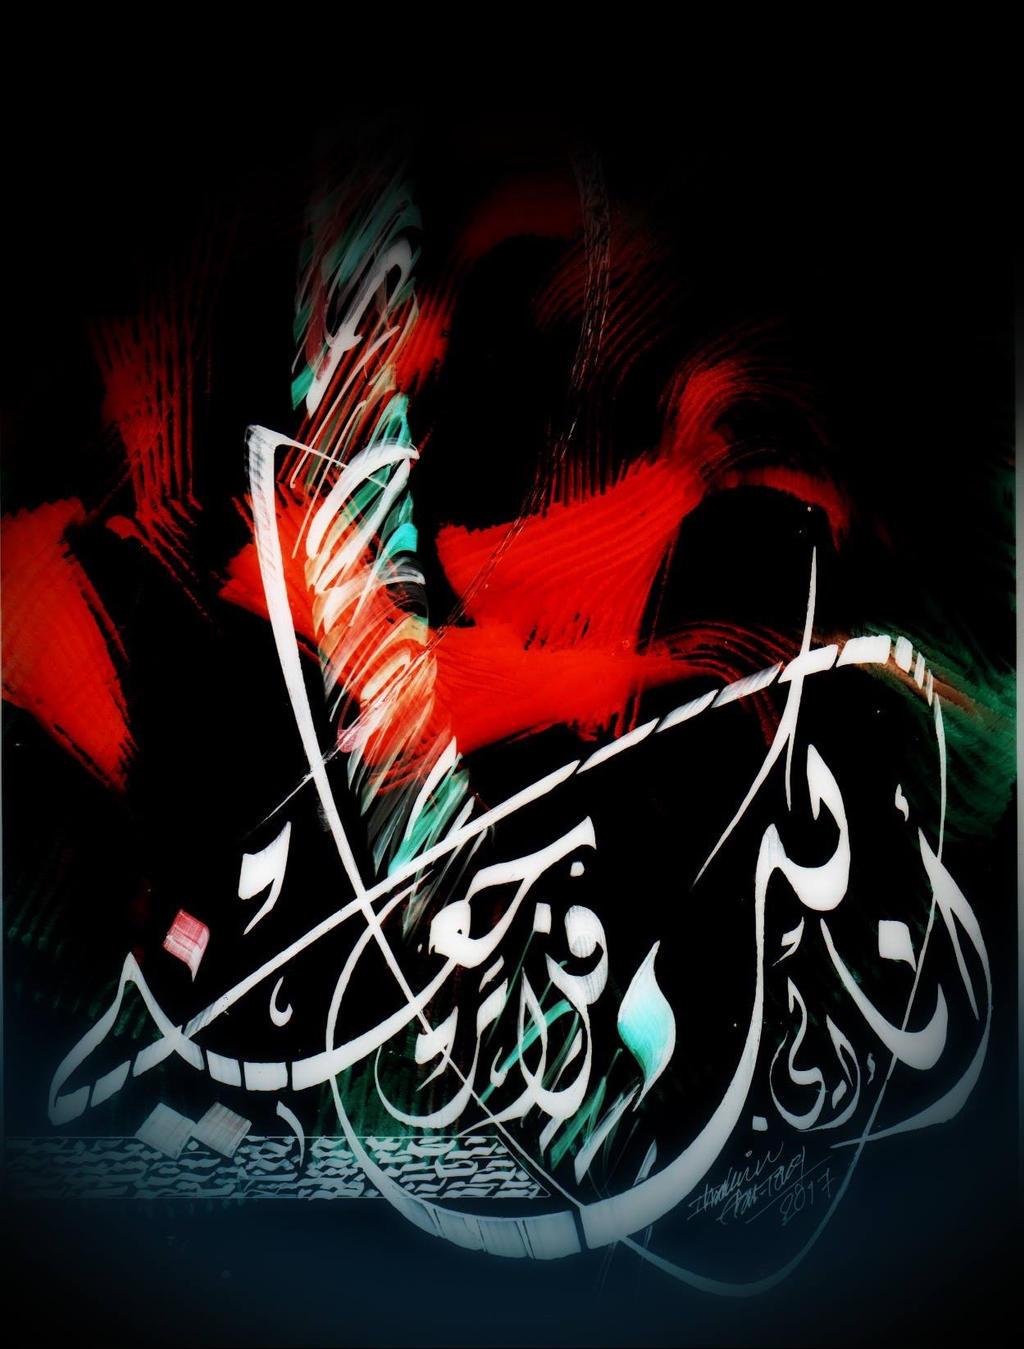 Rhomii by ibrahimabutouq